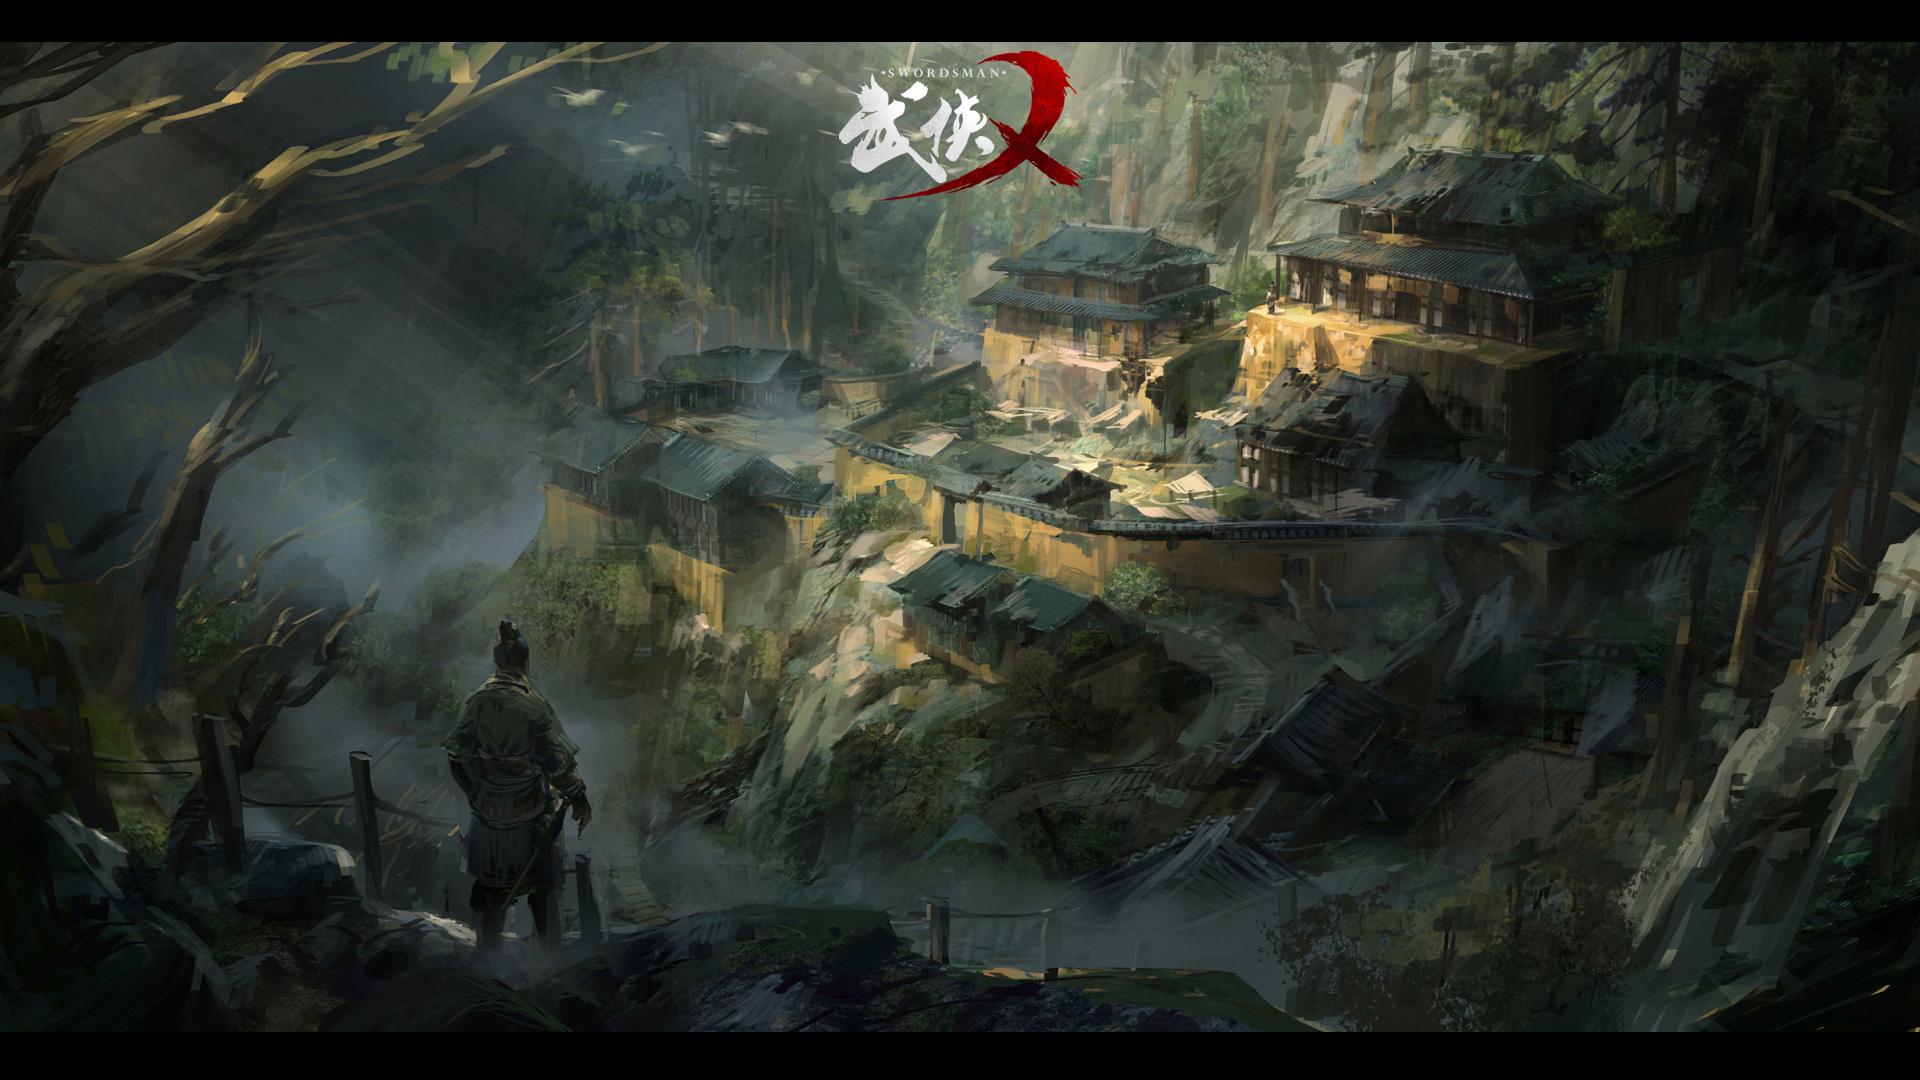 沙盒题材游戏《武侠X》实机视频曝光 技术测试将启